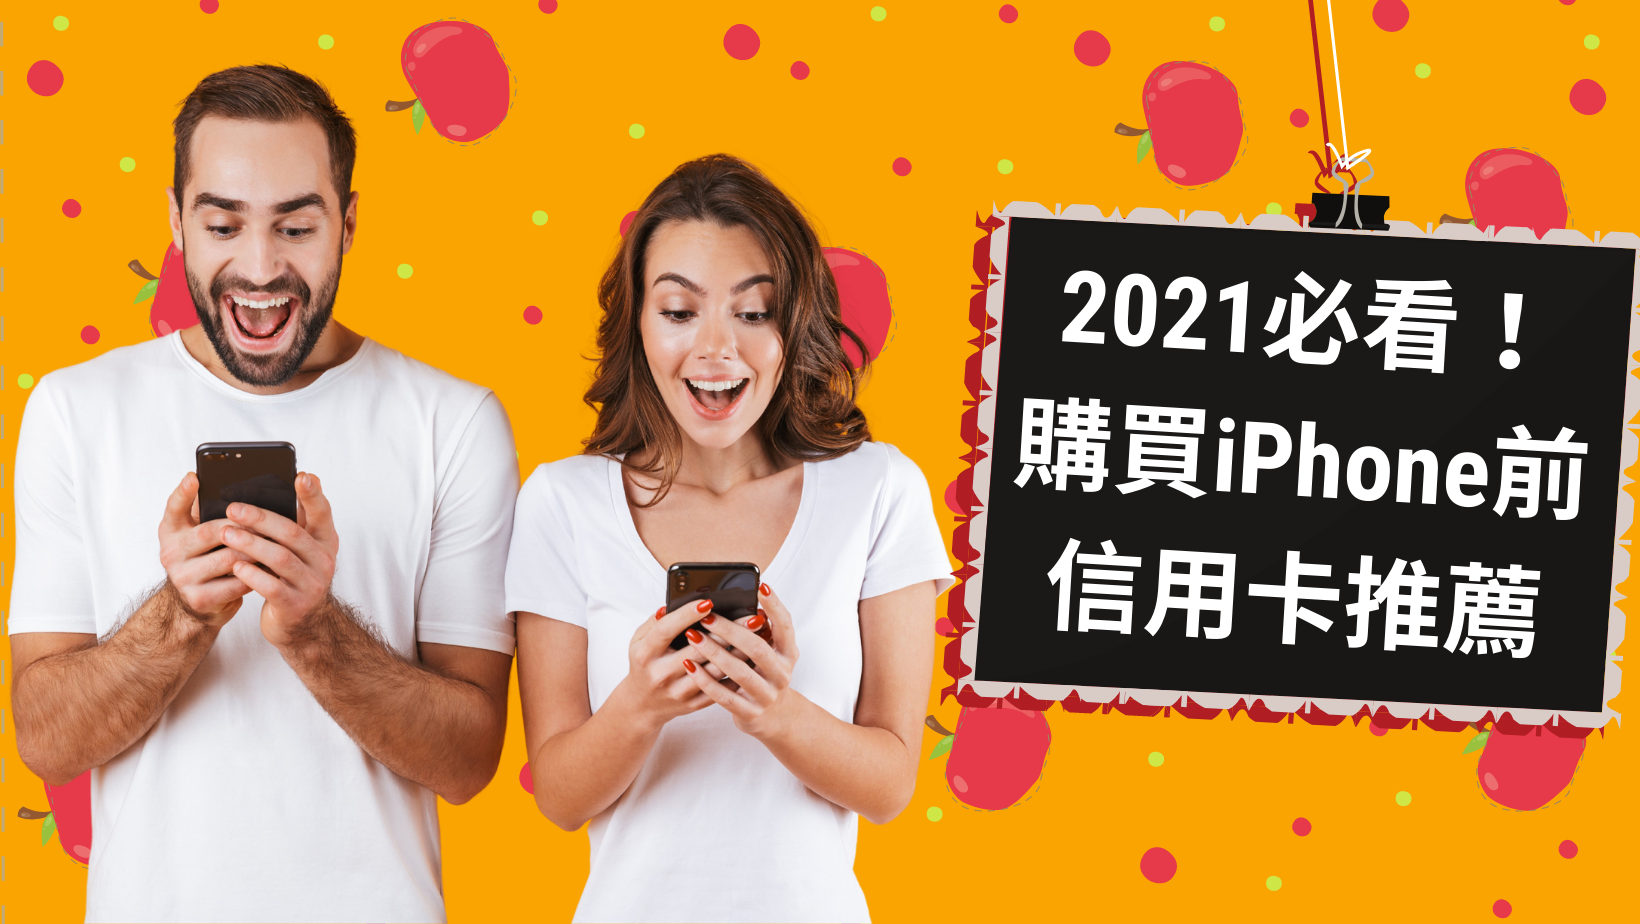 2021要買iPhone信用卡怎麼刷?11張高優惠信用卡整理